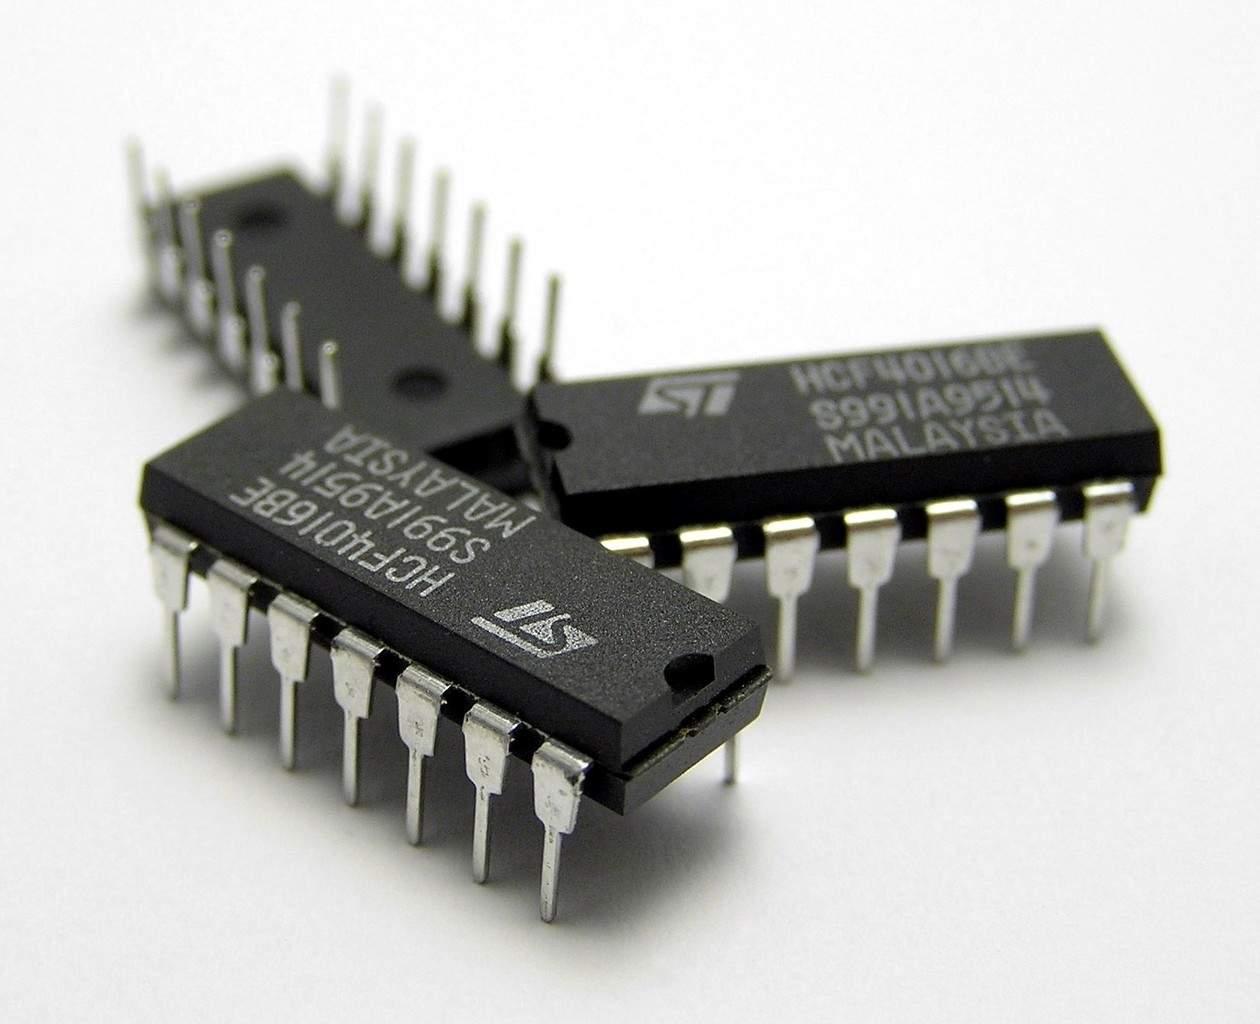 DEE 20033 DIGITAL ELECTRONICS